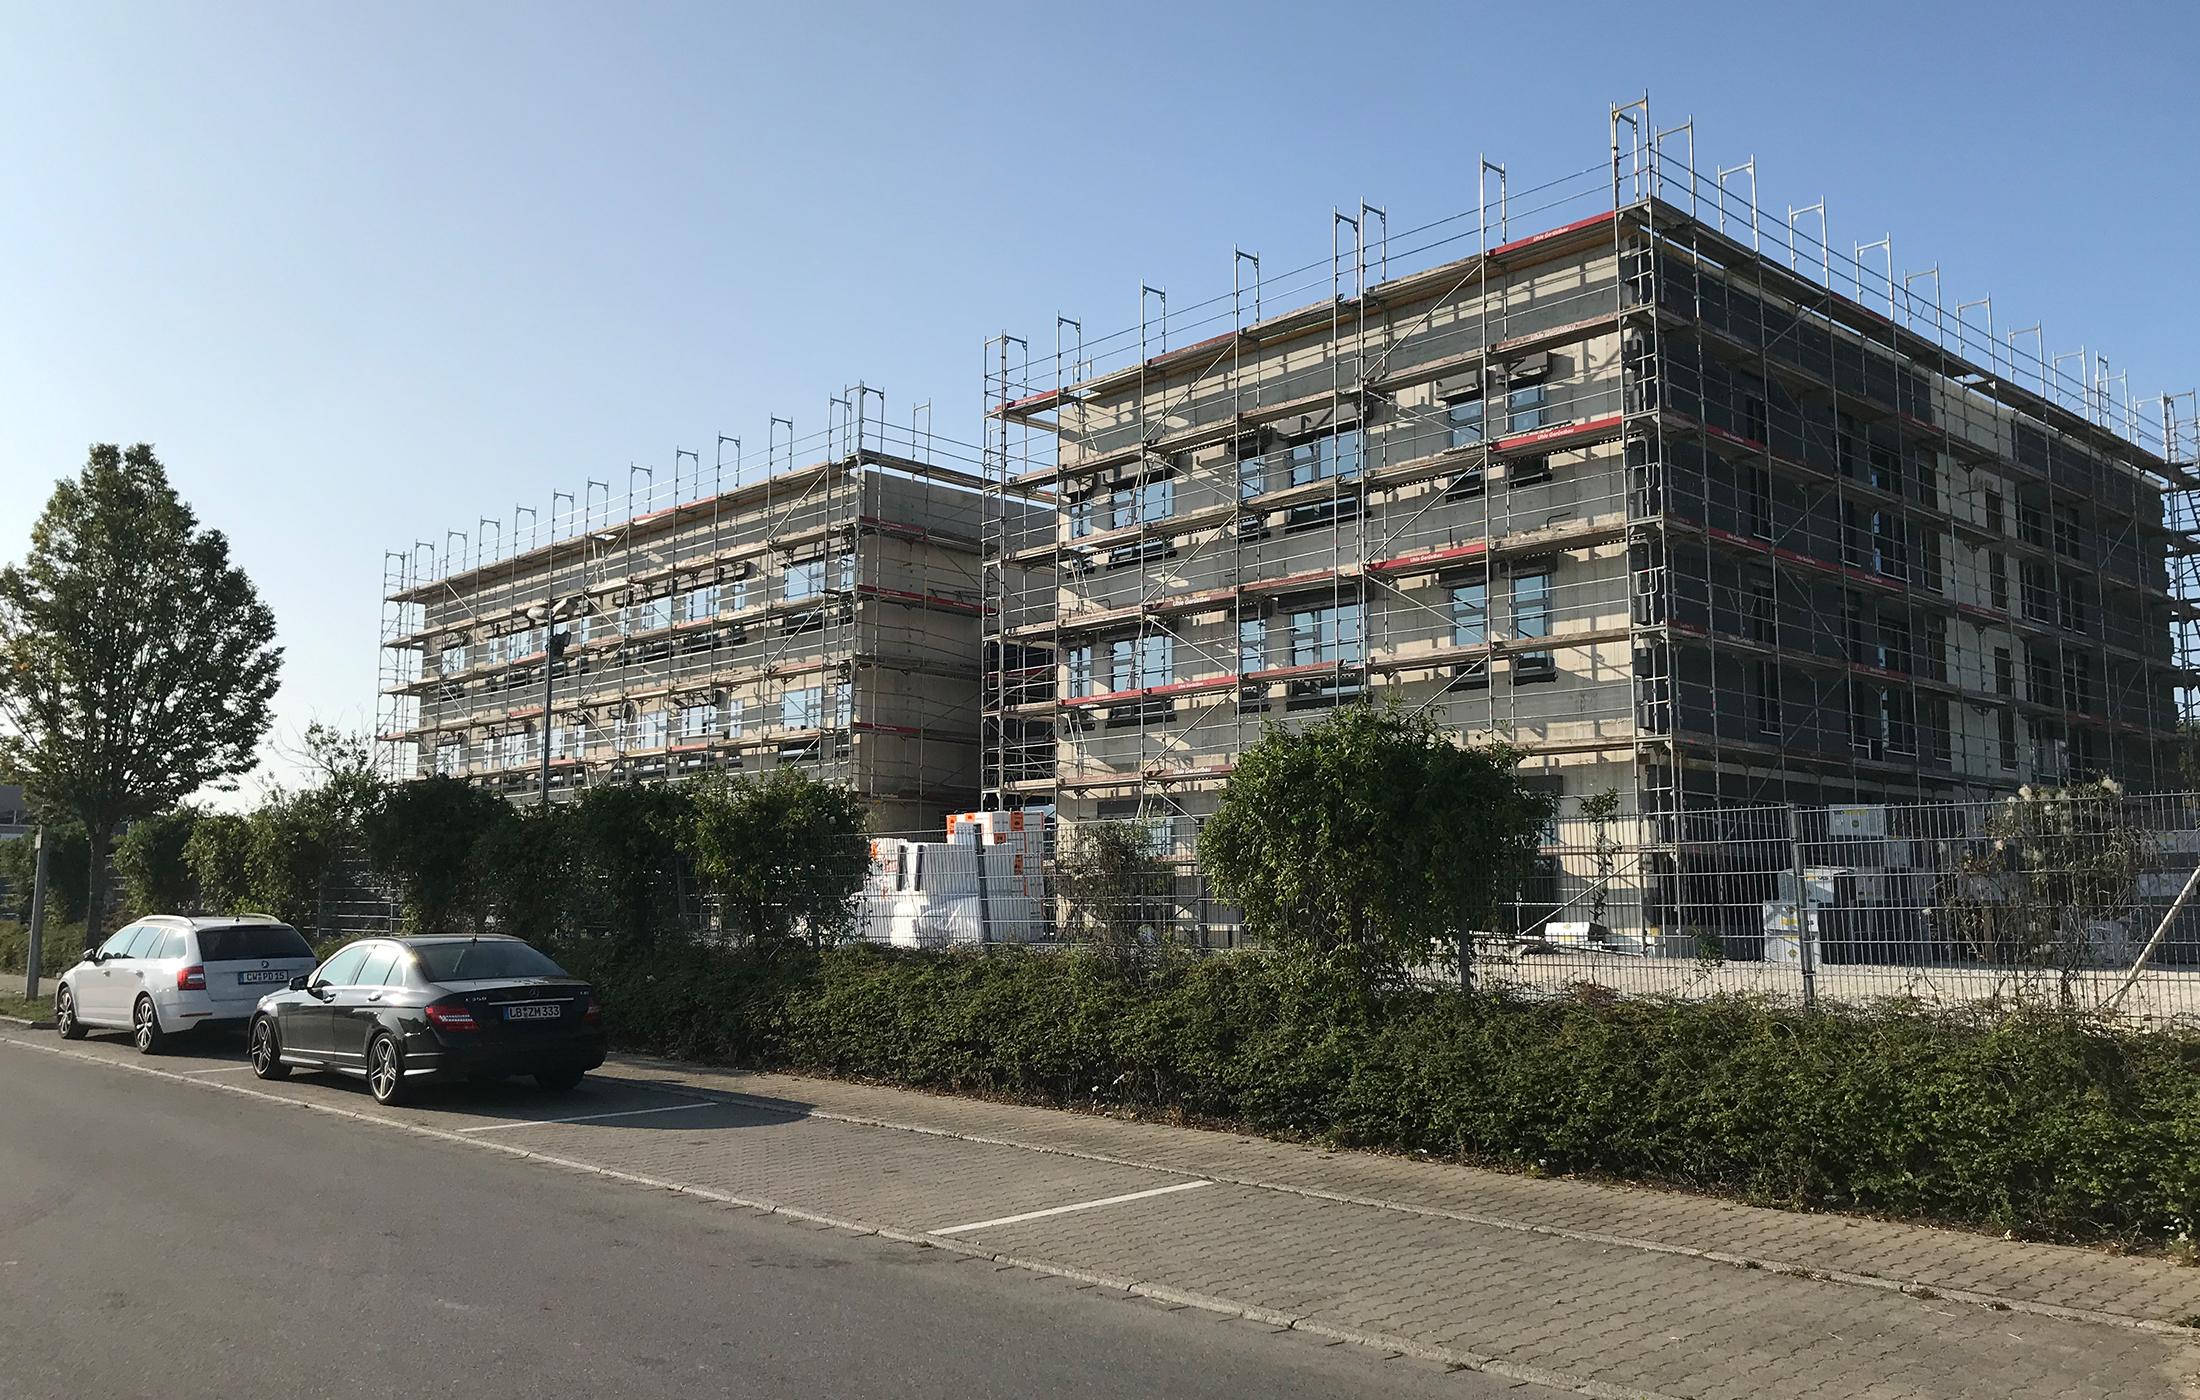 BFW Neubau Geschäftsstelle Stuttgart in Renningen, Baustelle